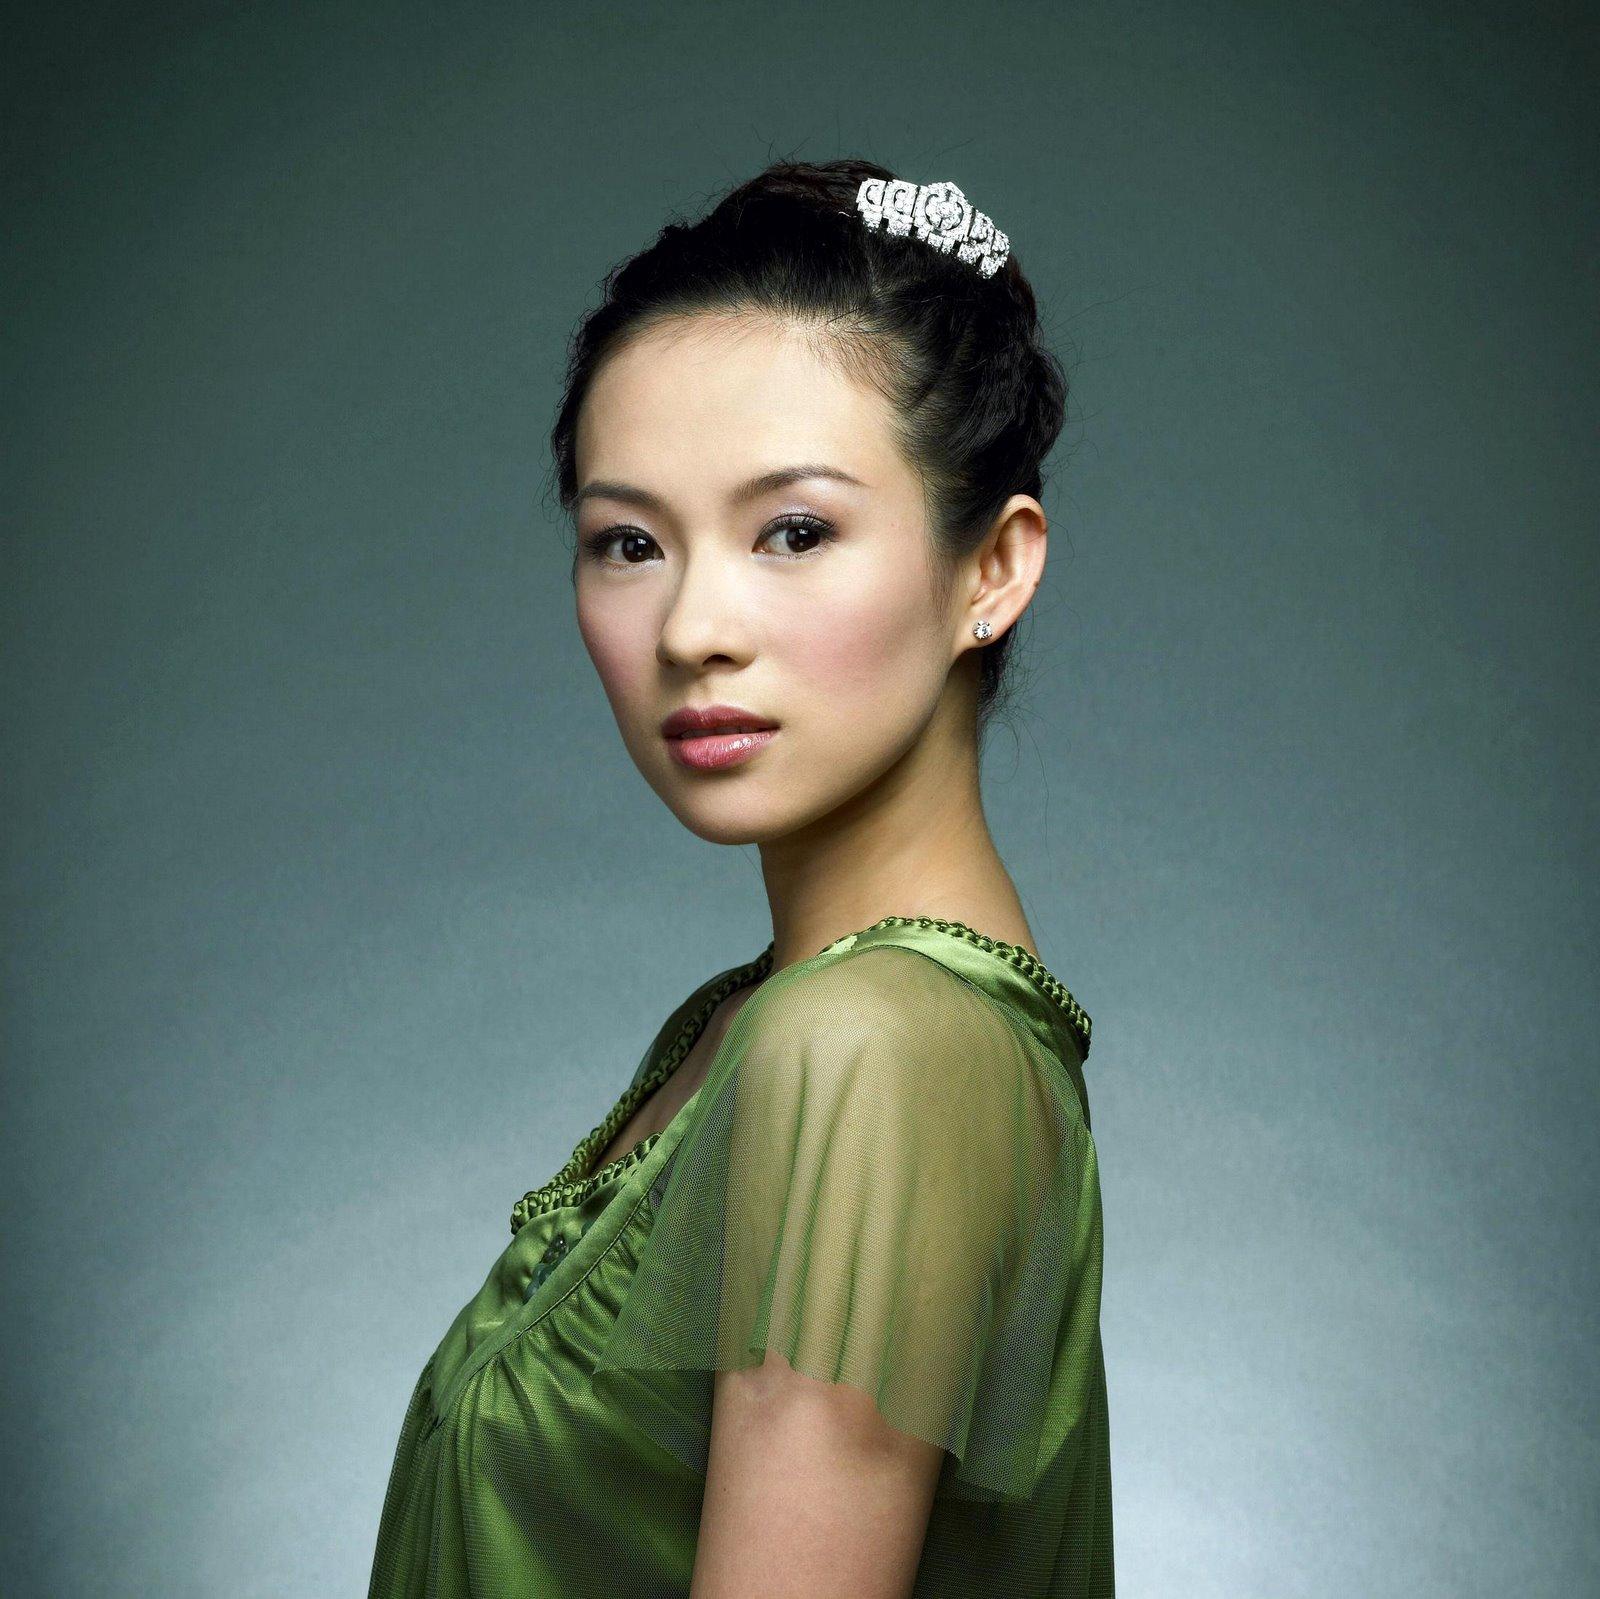 http://1.bp.blogspot.com/_7huCJ2kBUJ4/TVL2l8-VQPI/AAAAAAAACT0/dljsCvL01xU/s1600/Ziyi.Zhang.HQ.5.jpg